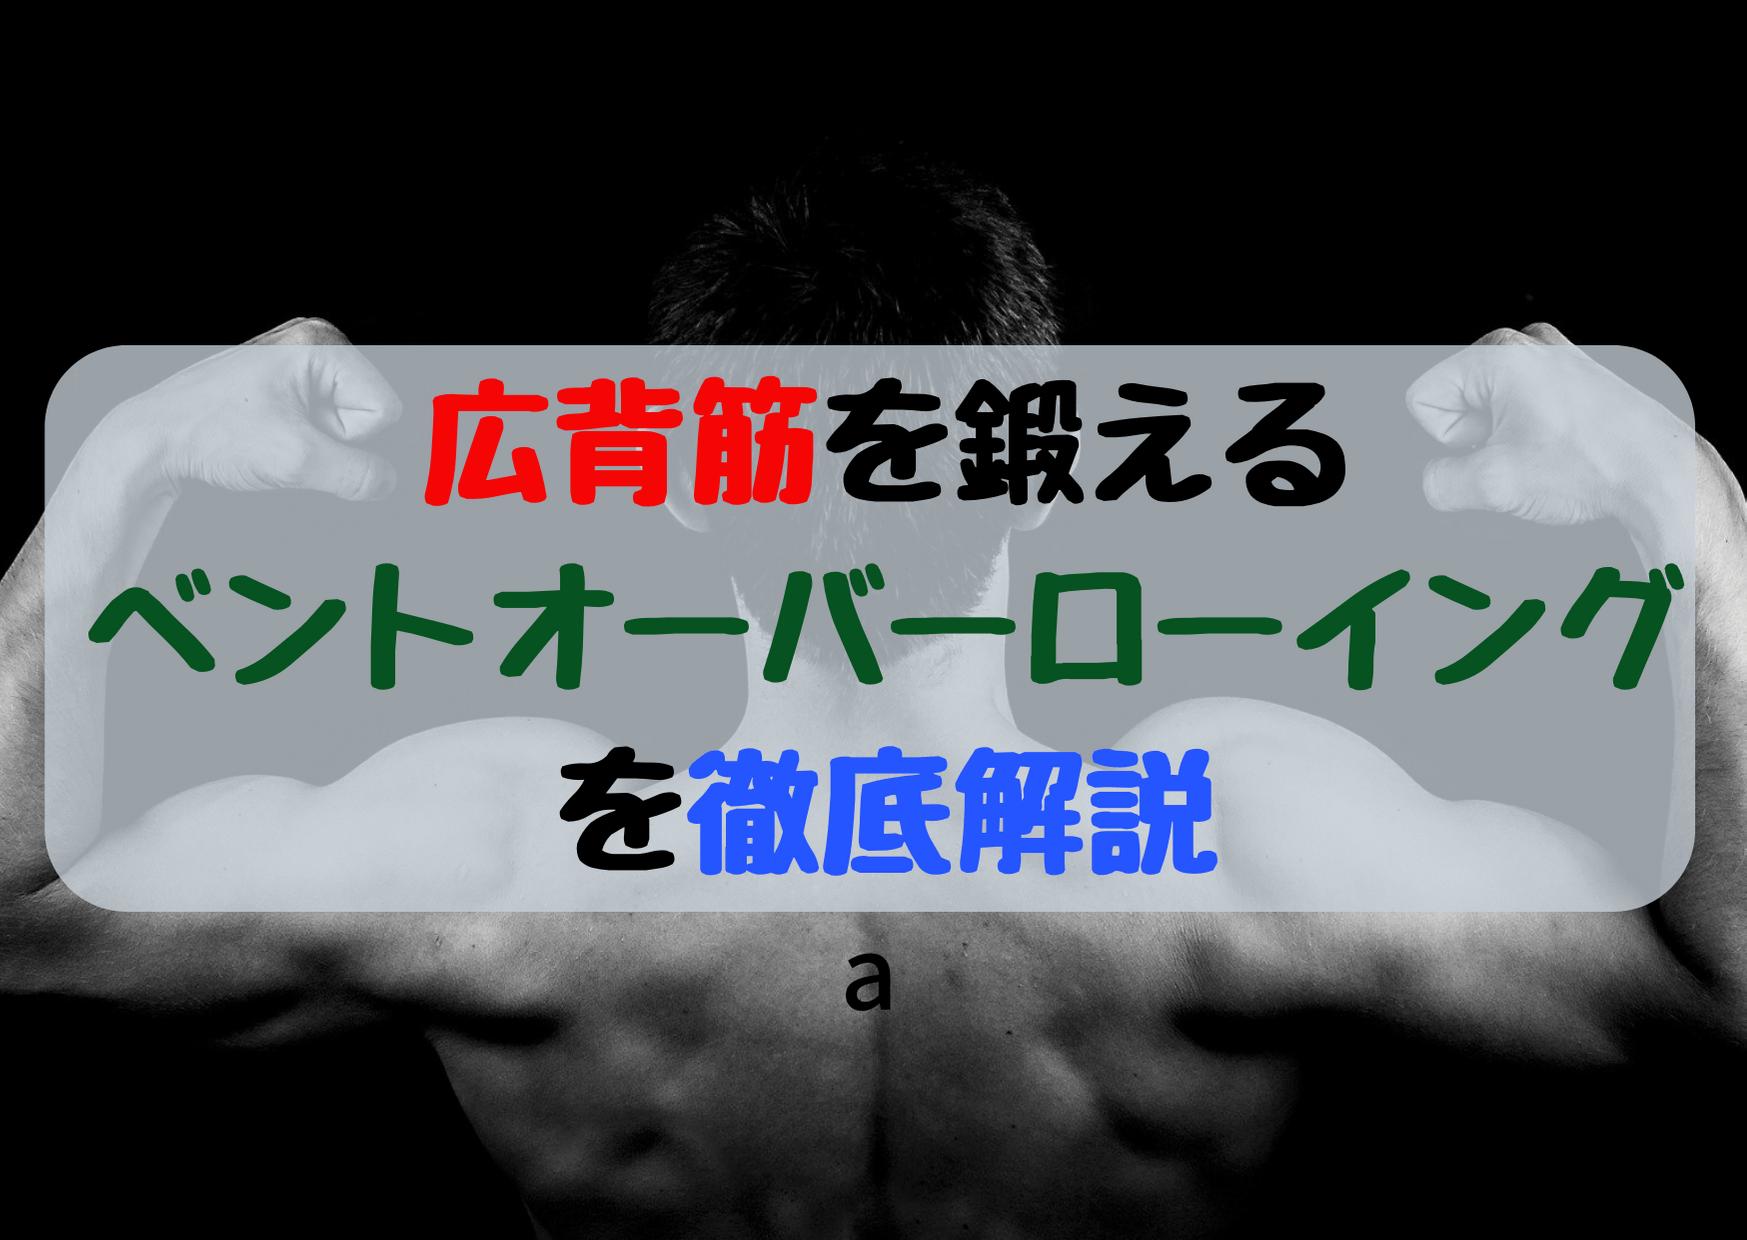 【Forza筋トレ15】広背筋を鍛えるベントオーバーローイングとは?